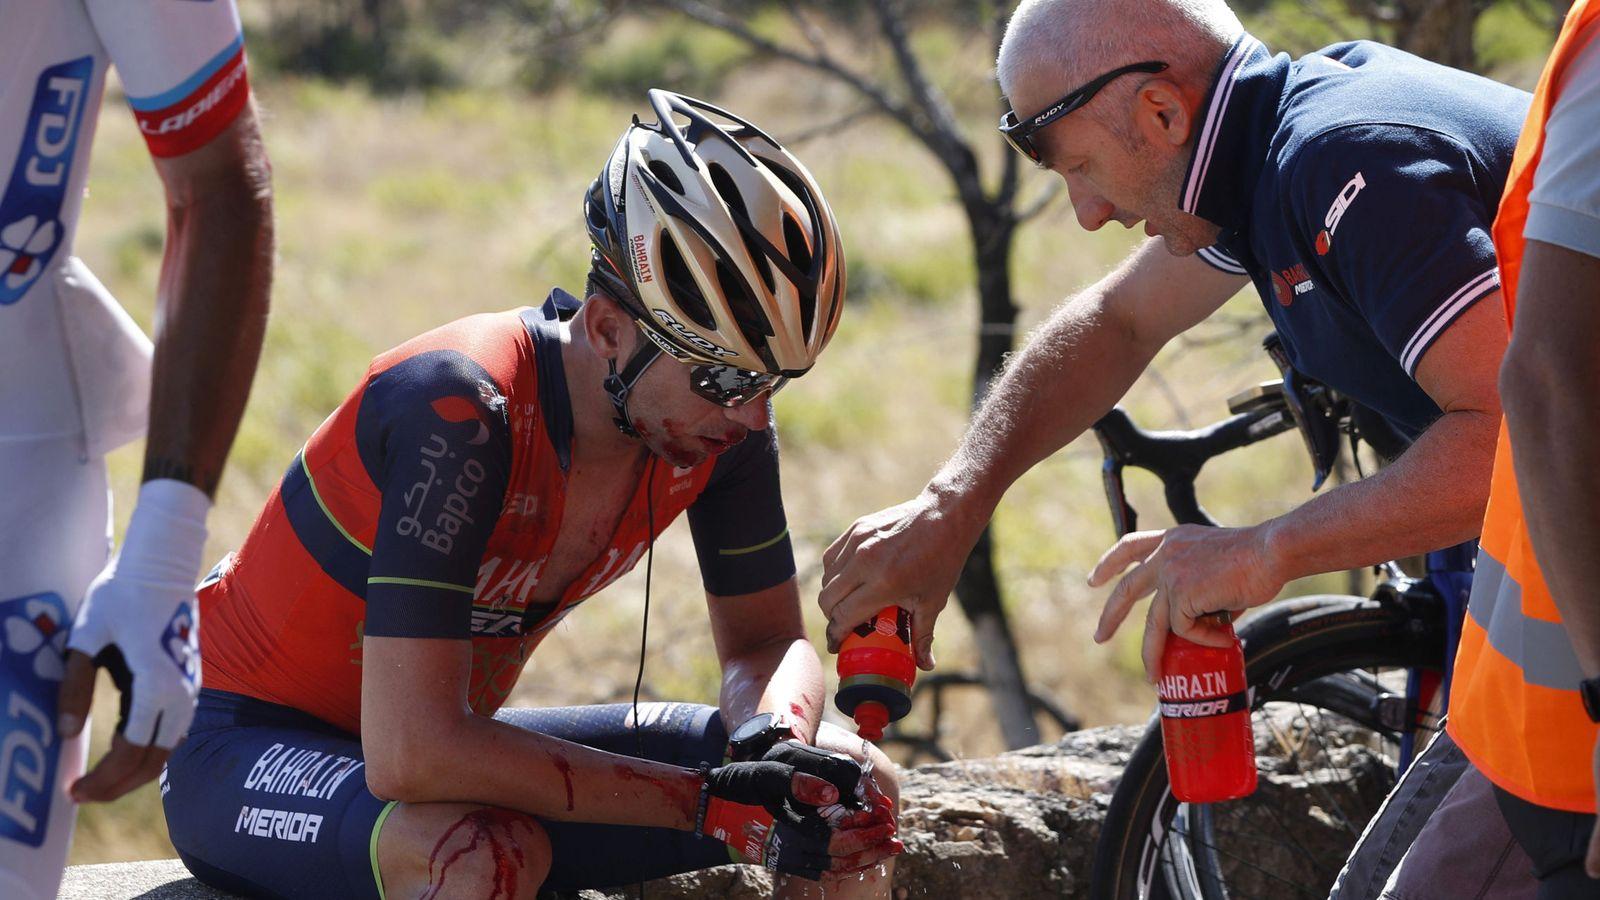 Ciclismo: La caída es parte del ciclismo: Si me caigo, no me